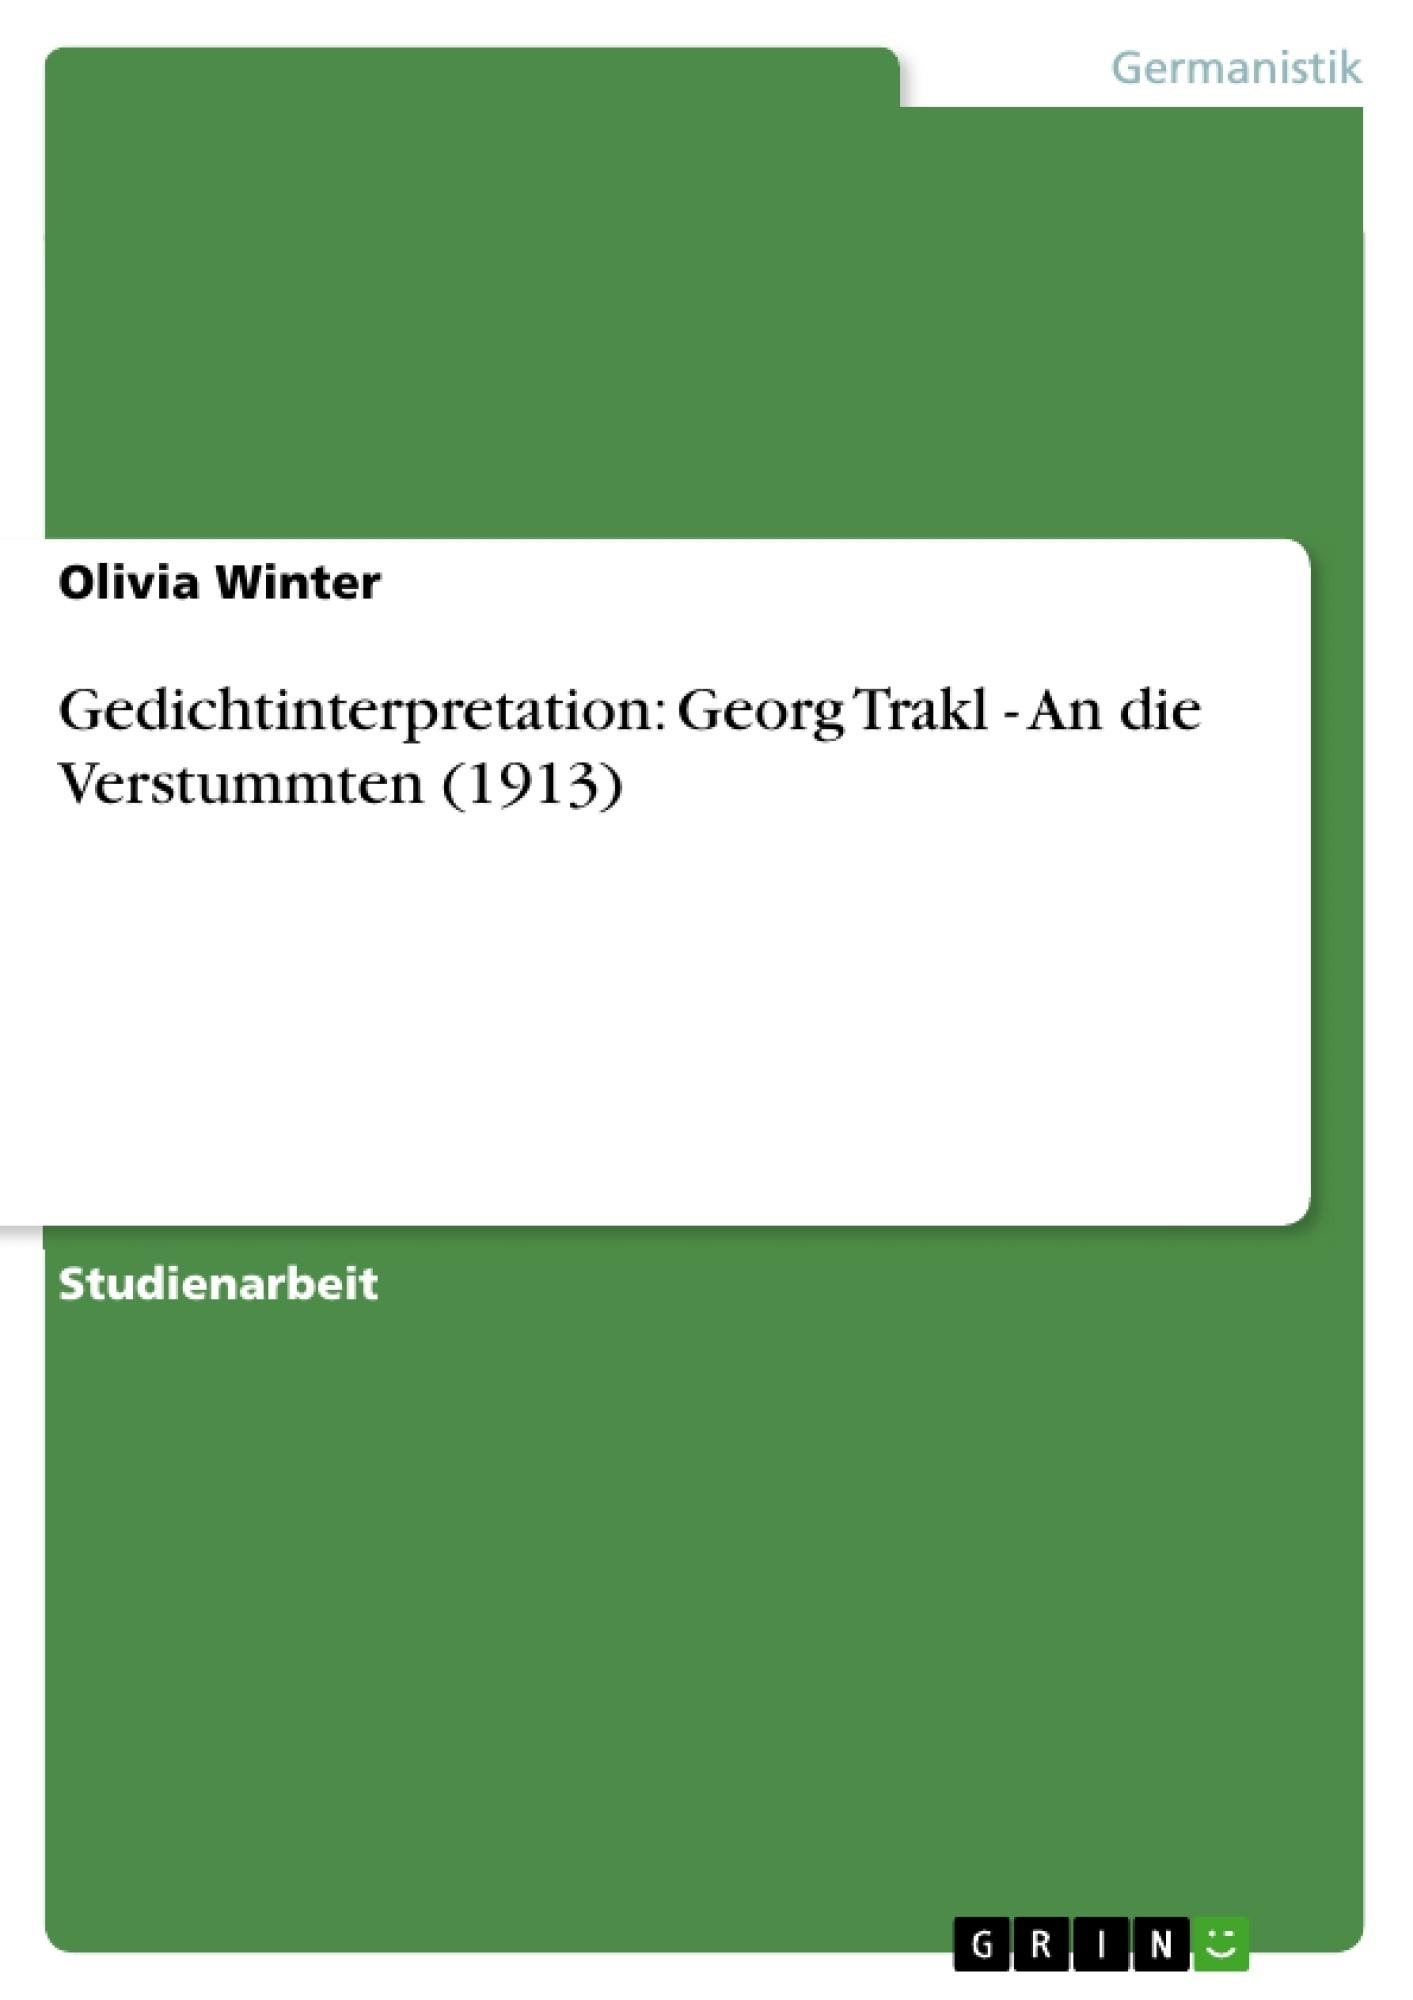 Titel: Gedichtinterpretation: Georg Trakl - An die Verstummten (1913)